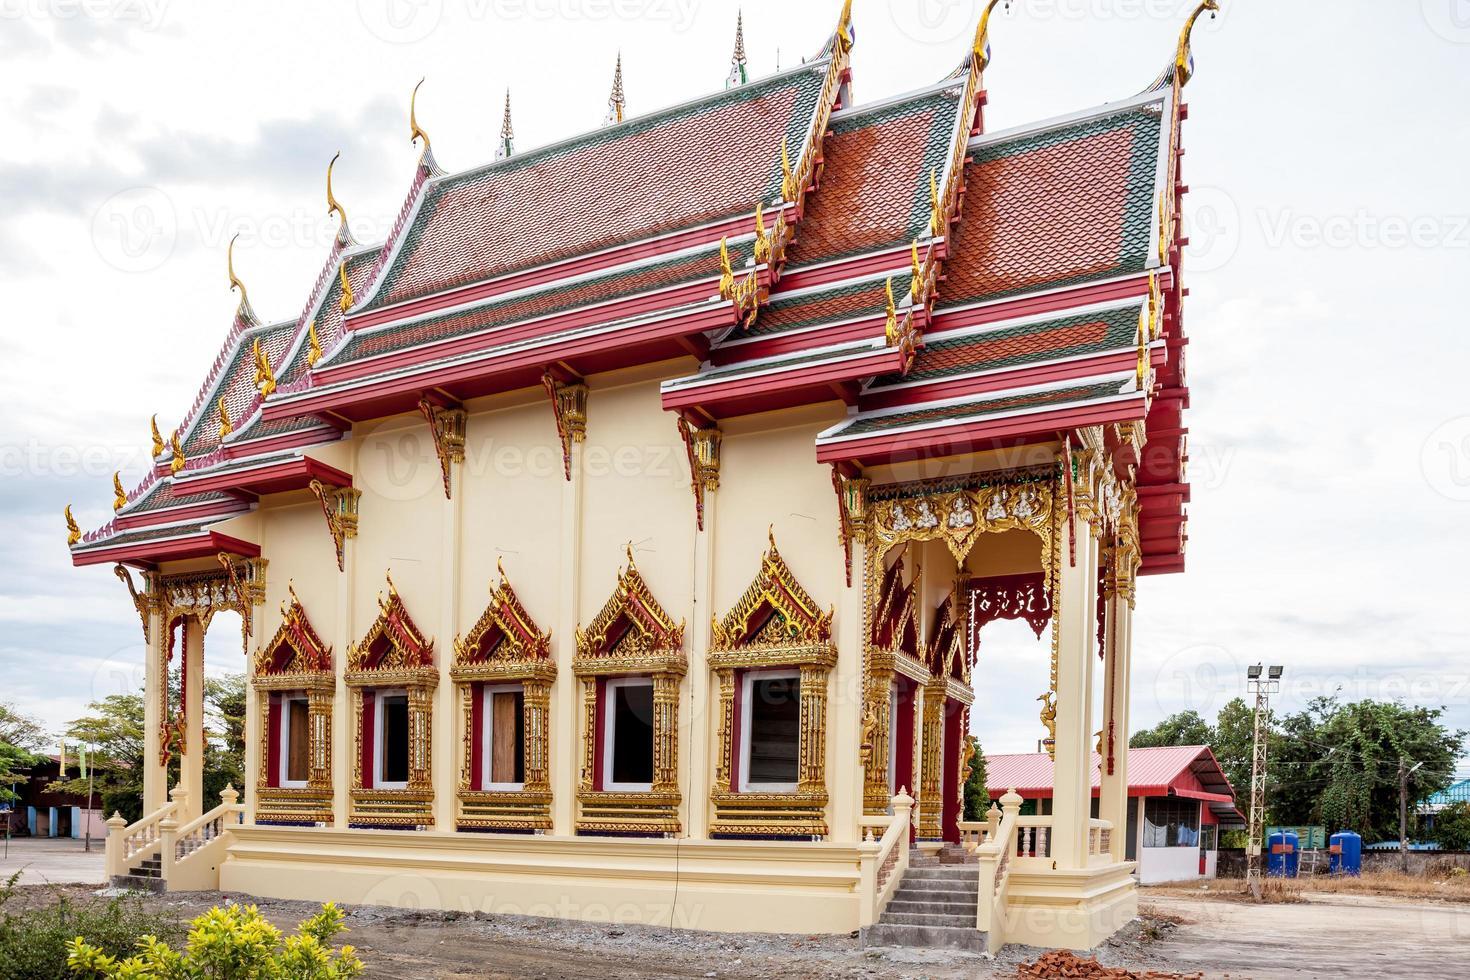 nuevo templo en tailandia foto